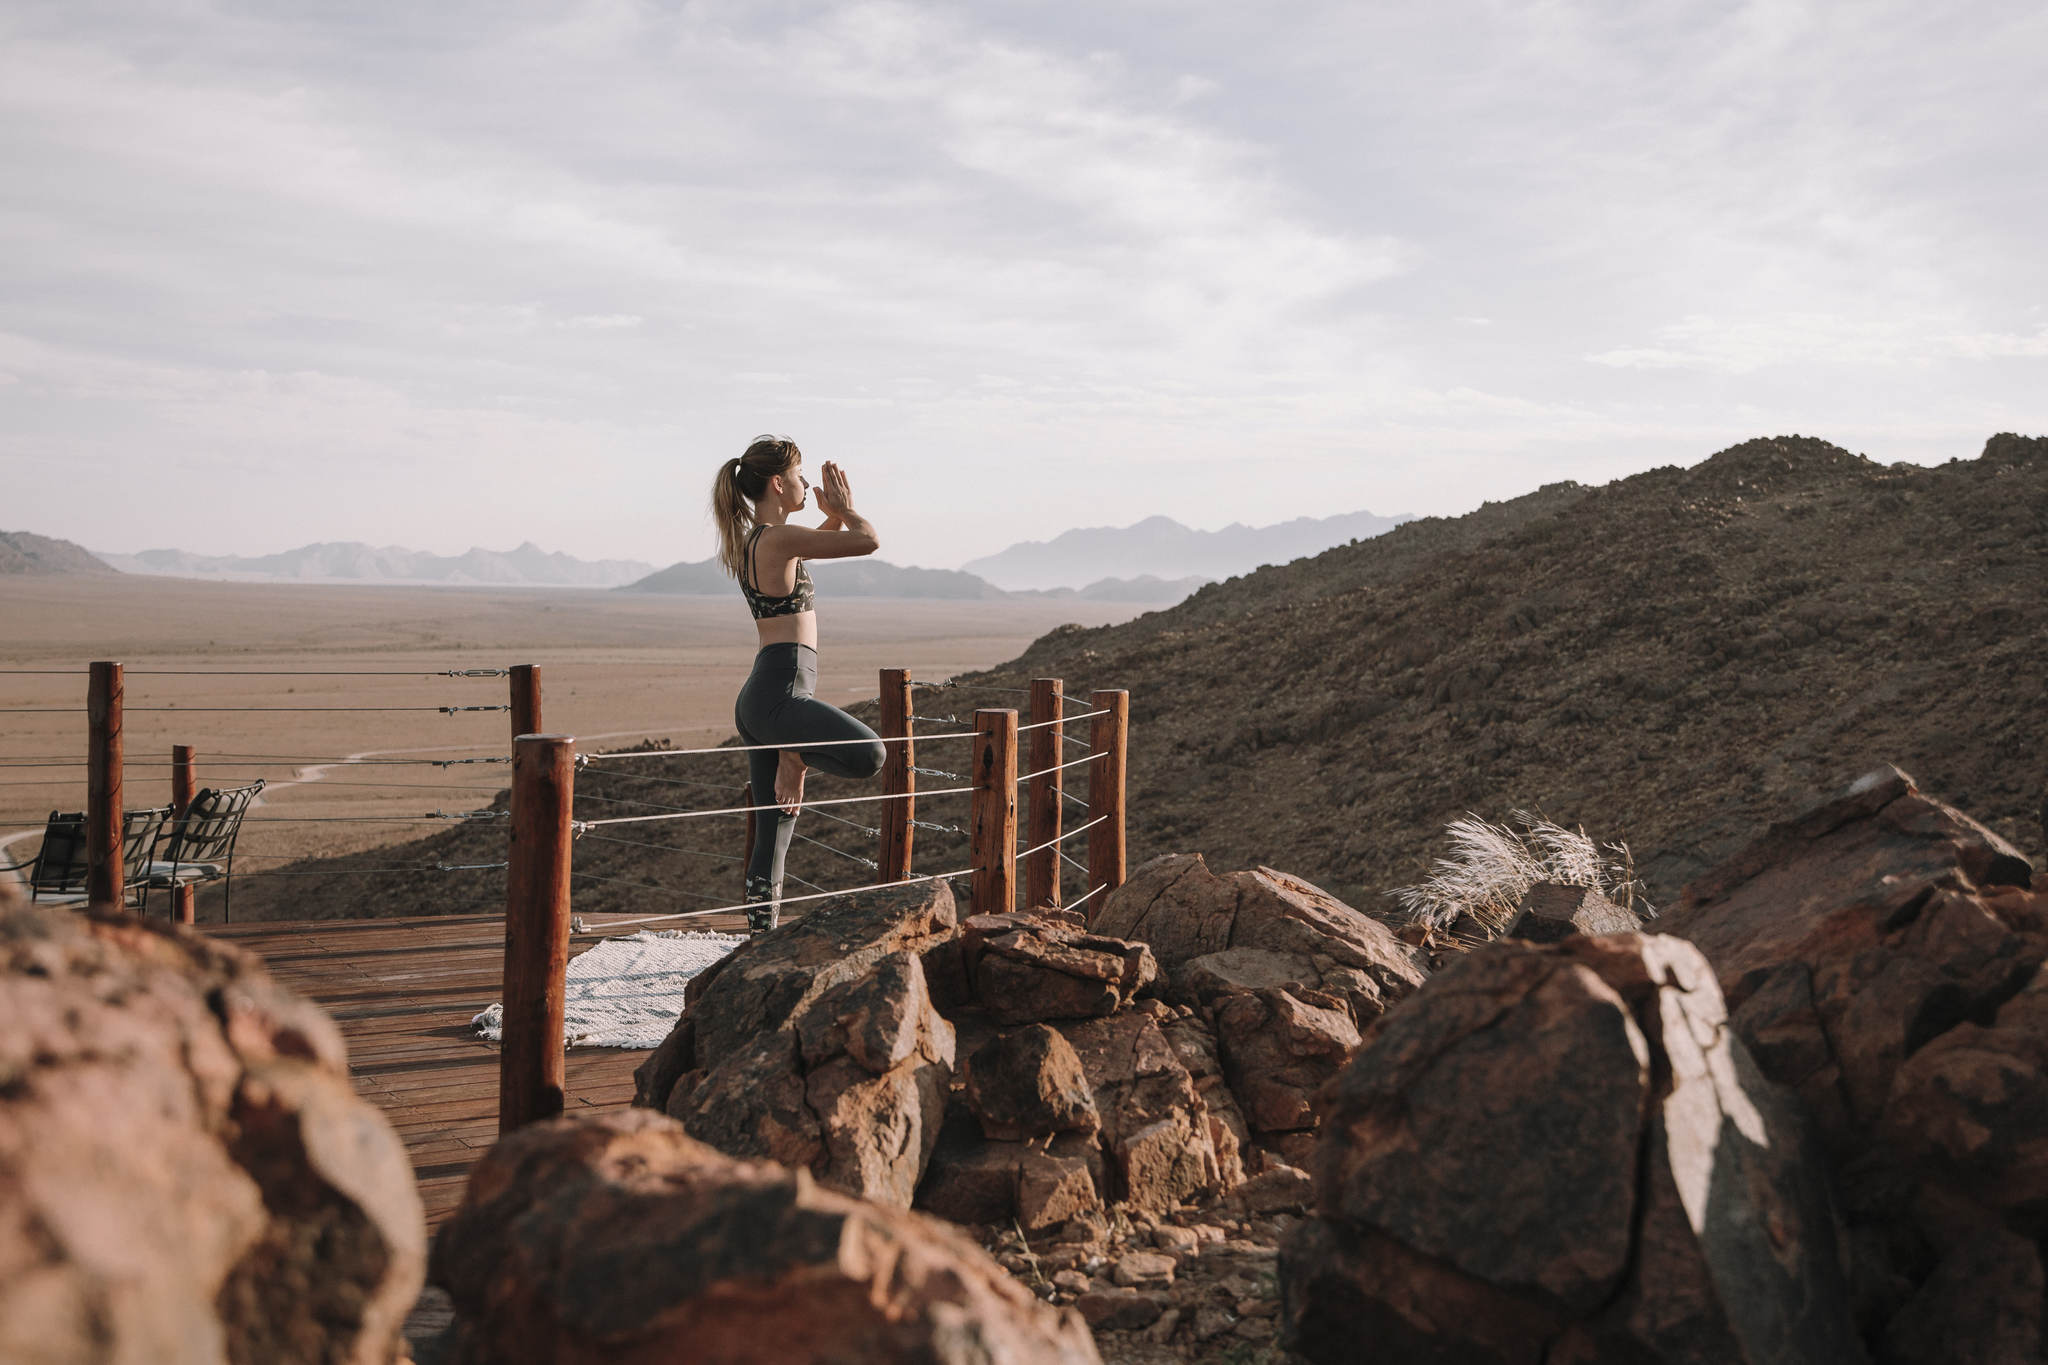 Malerische Landschaft der Namib-Wüste